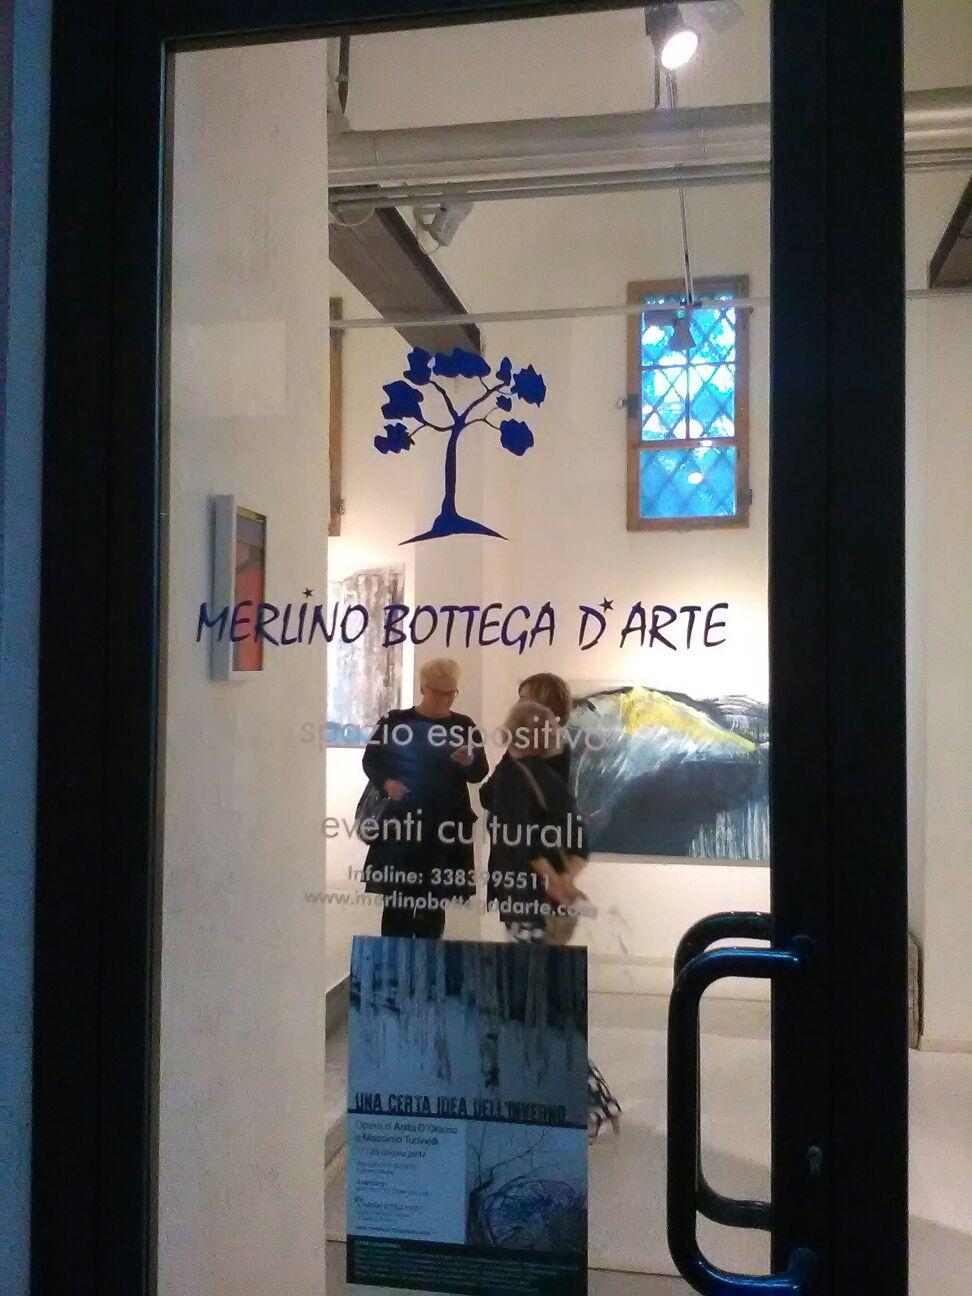 Merlino bottega d'arte